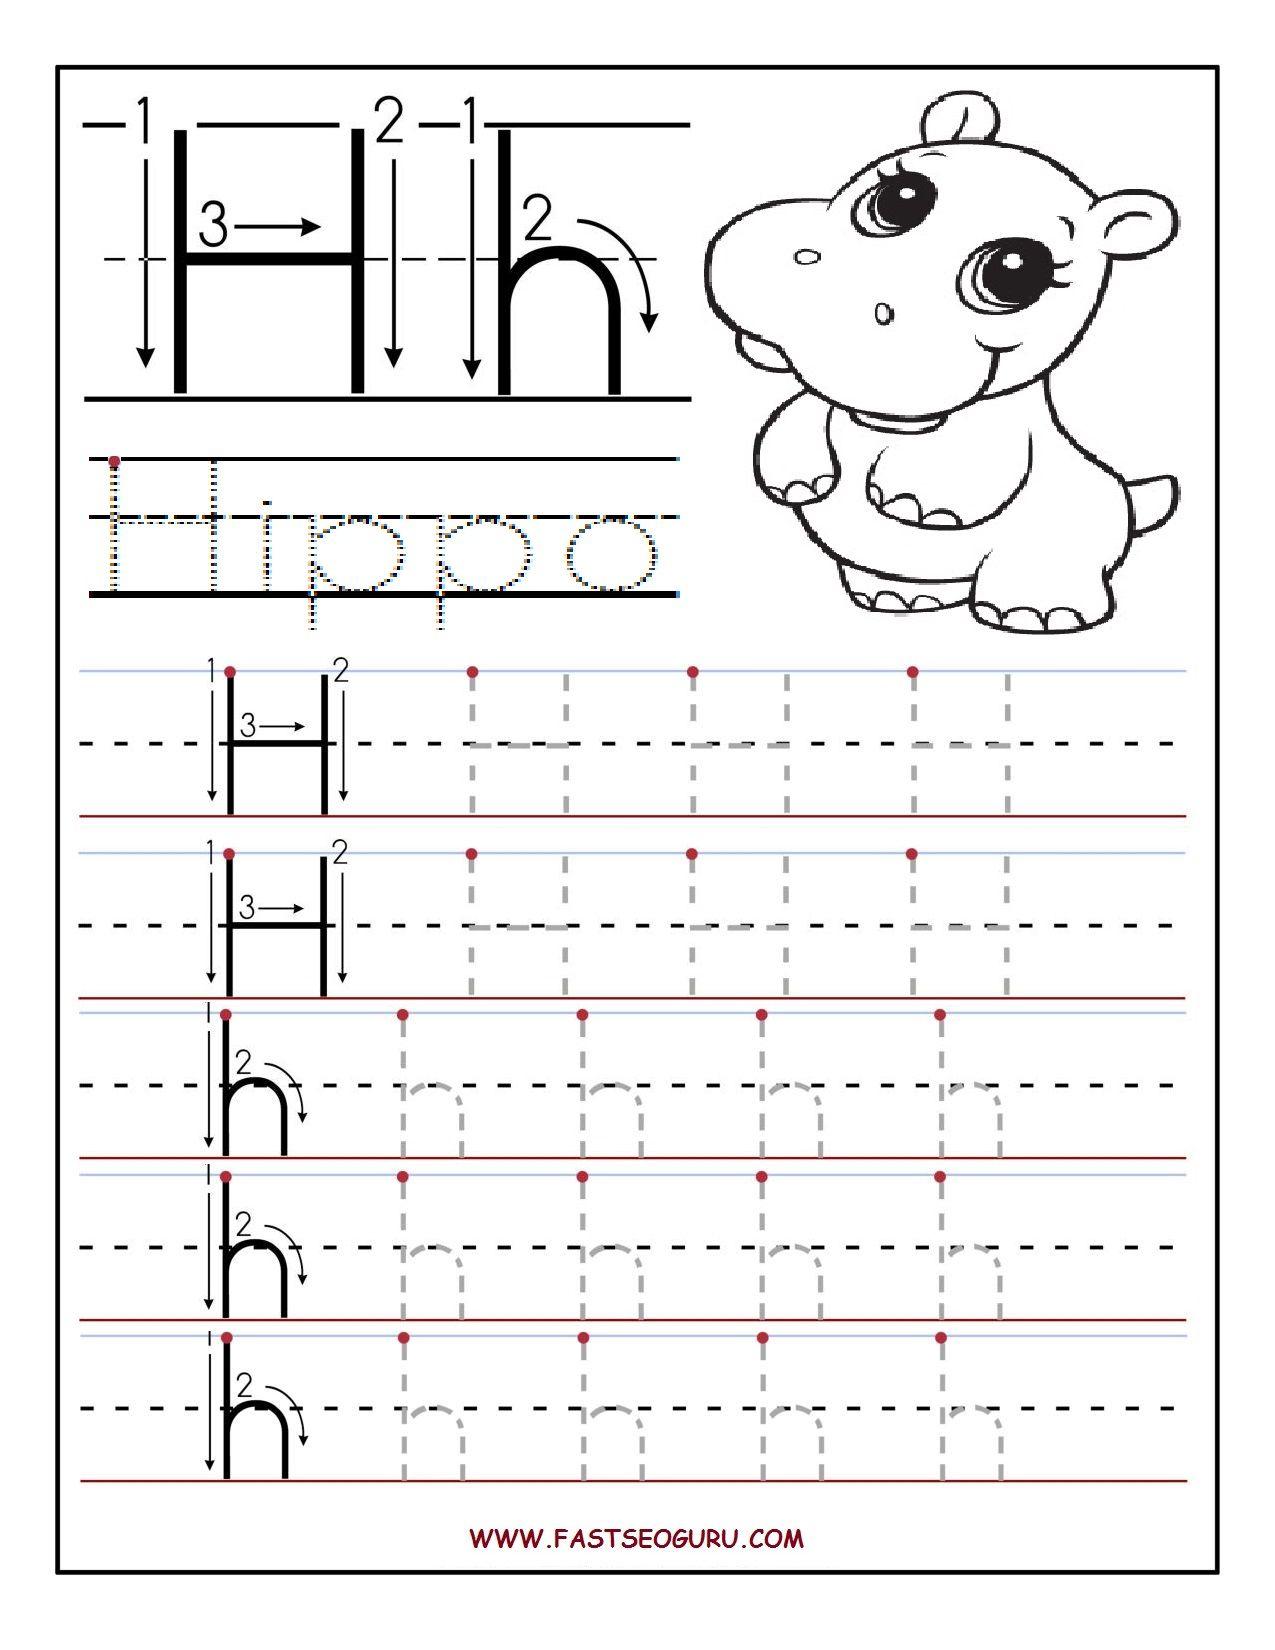 Lively Letter H Worksheet | Printable Worksheets And inside Letter H Worksheets Twisty Noodle